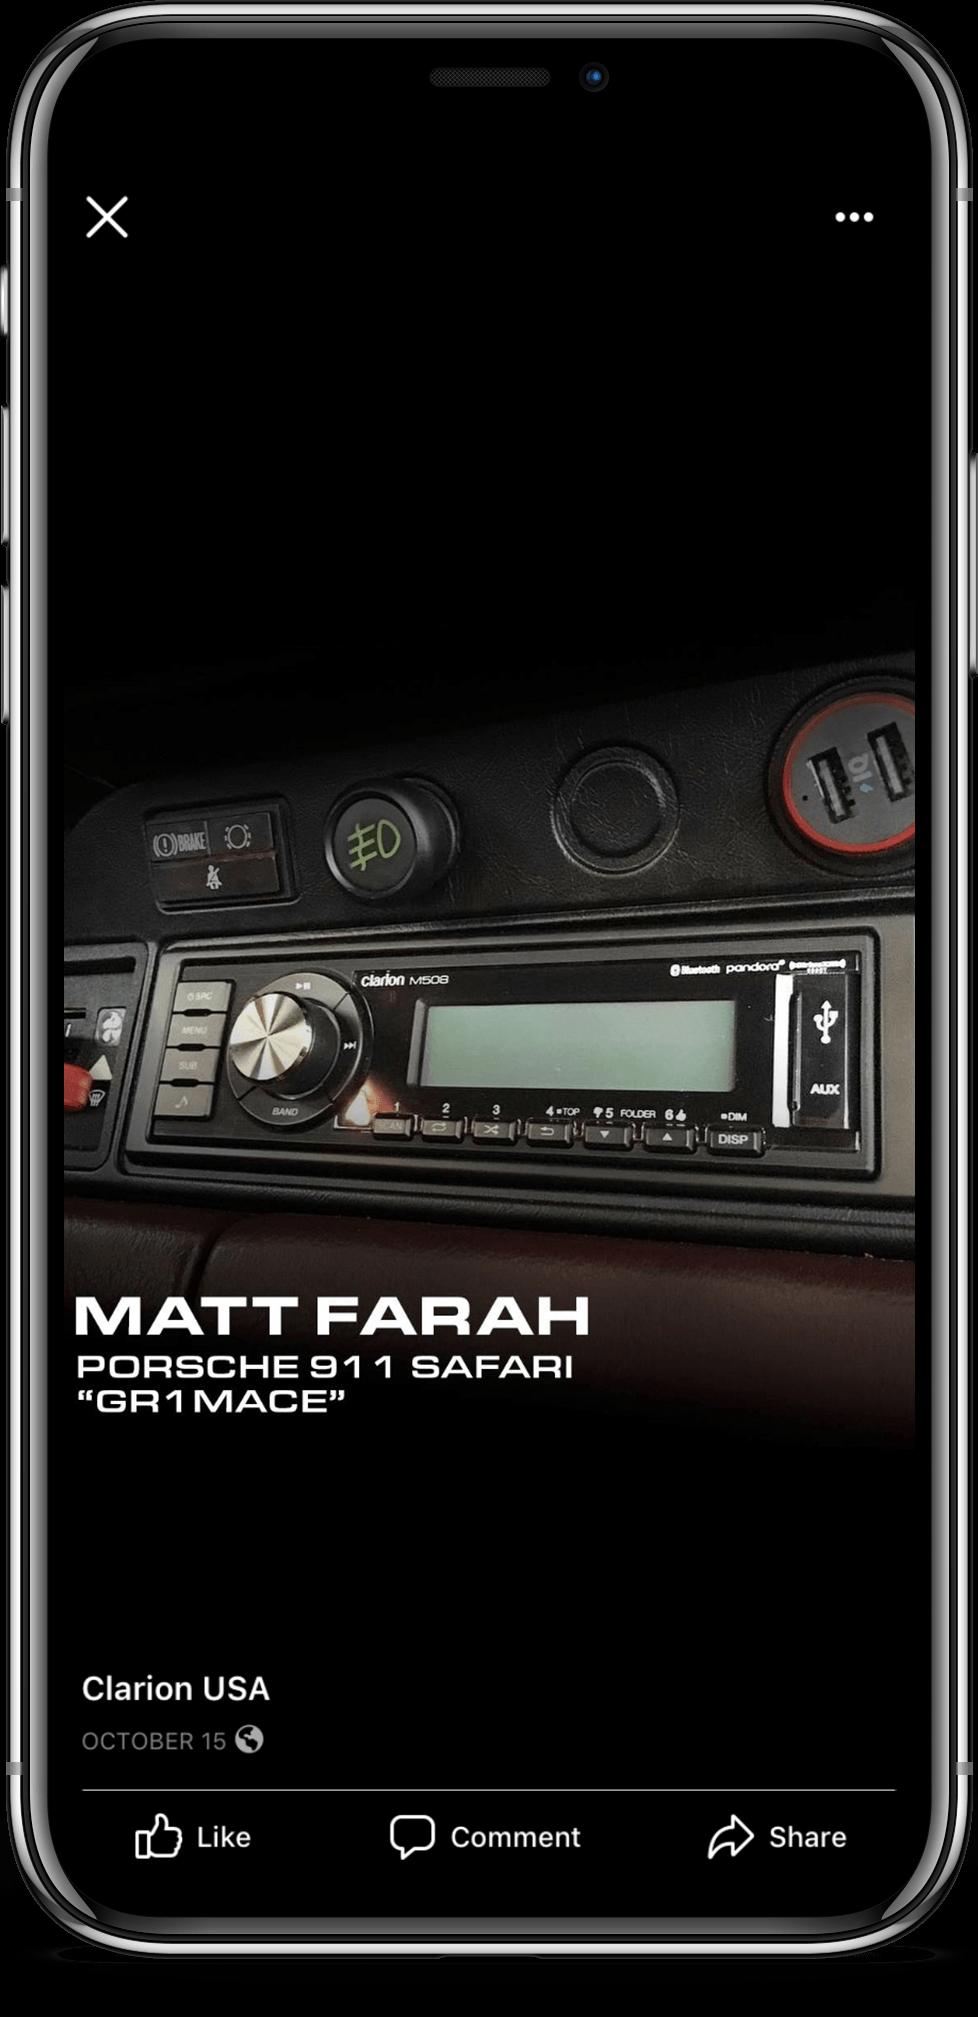 Matt farah mobile Facebook image.png